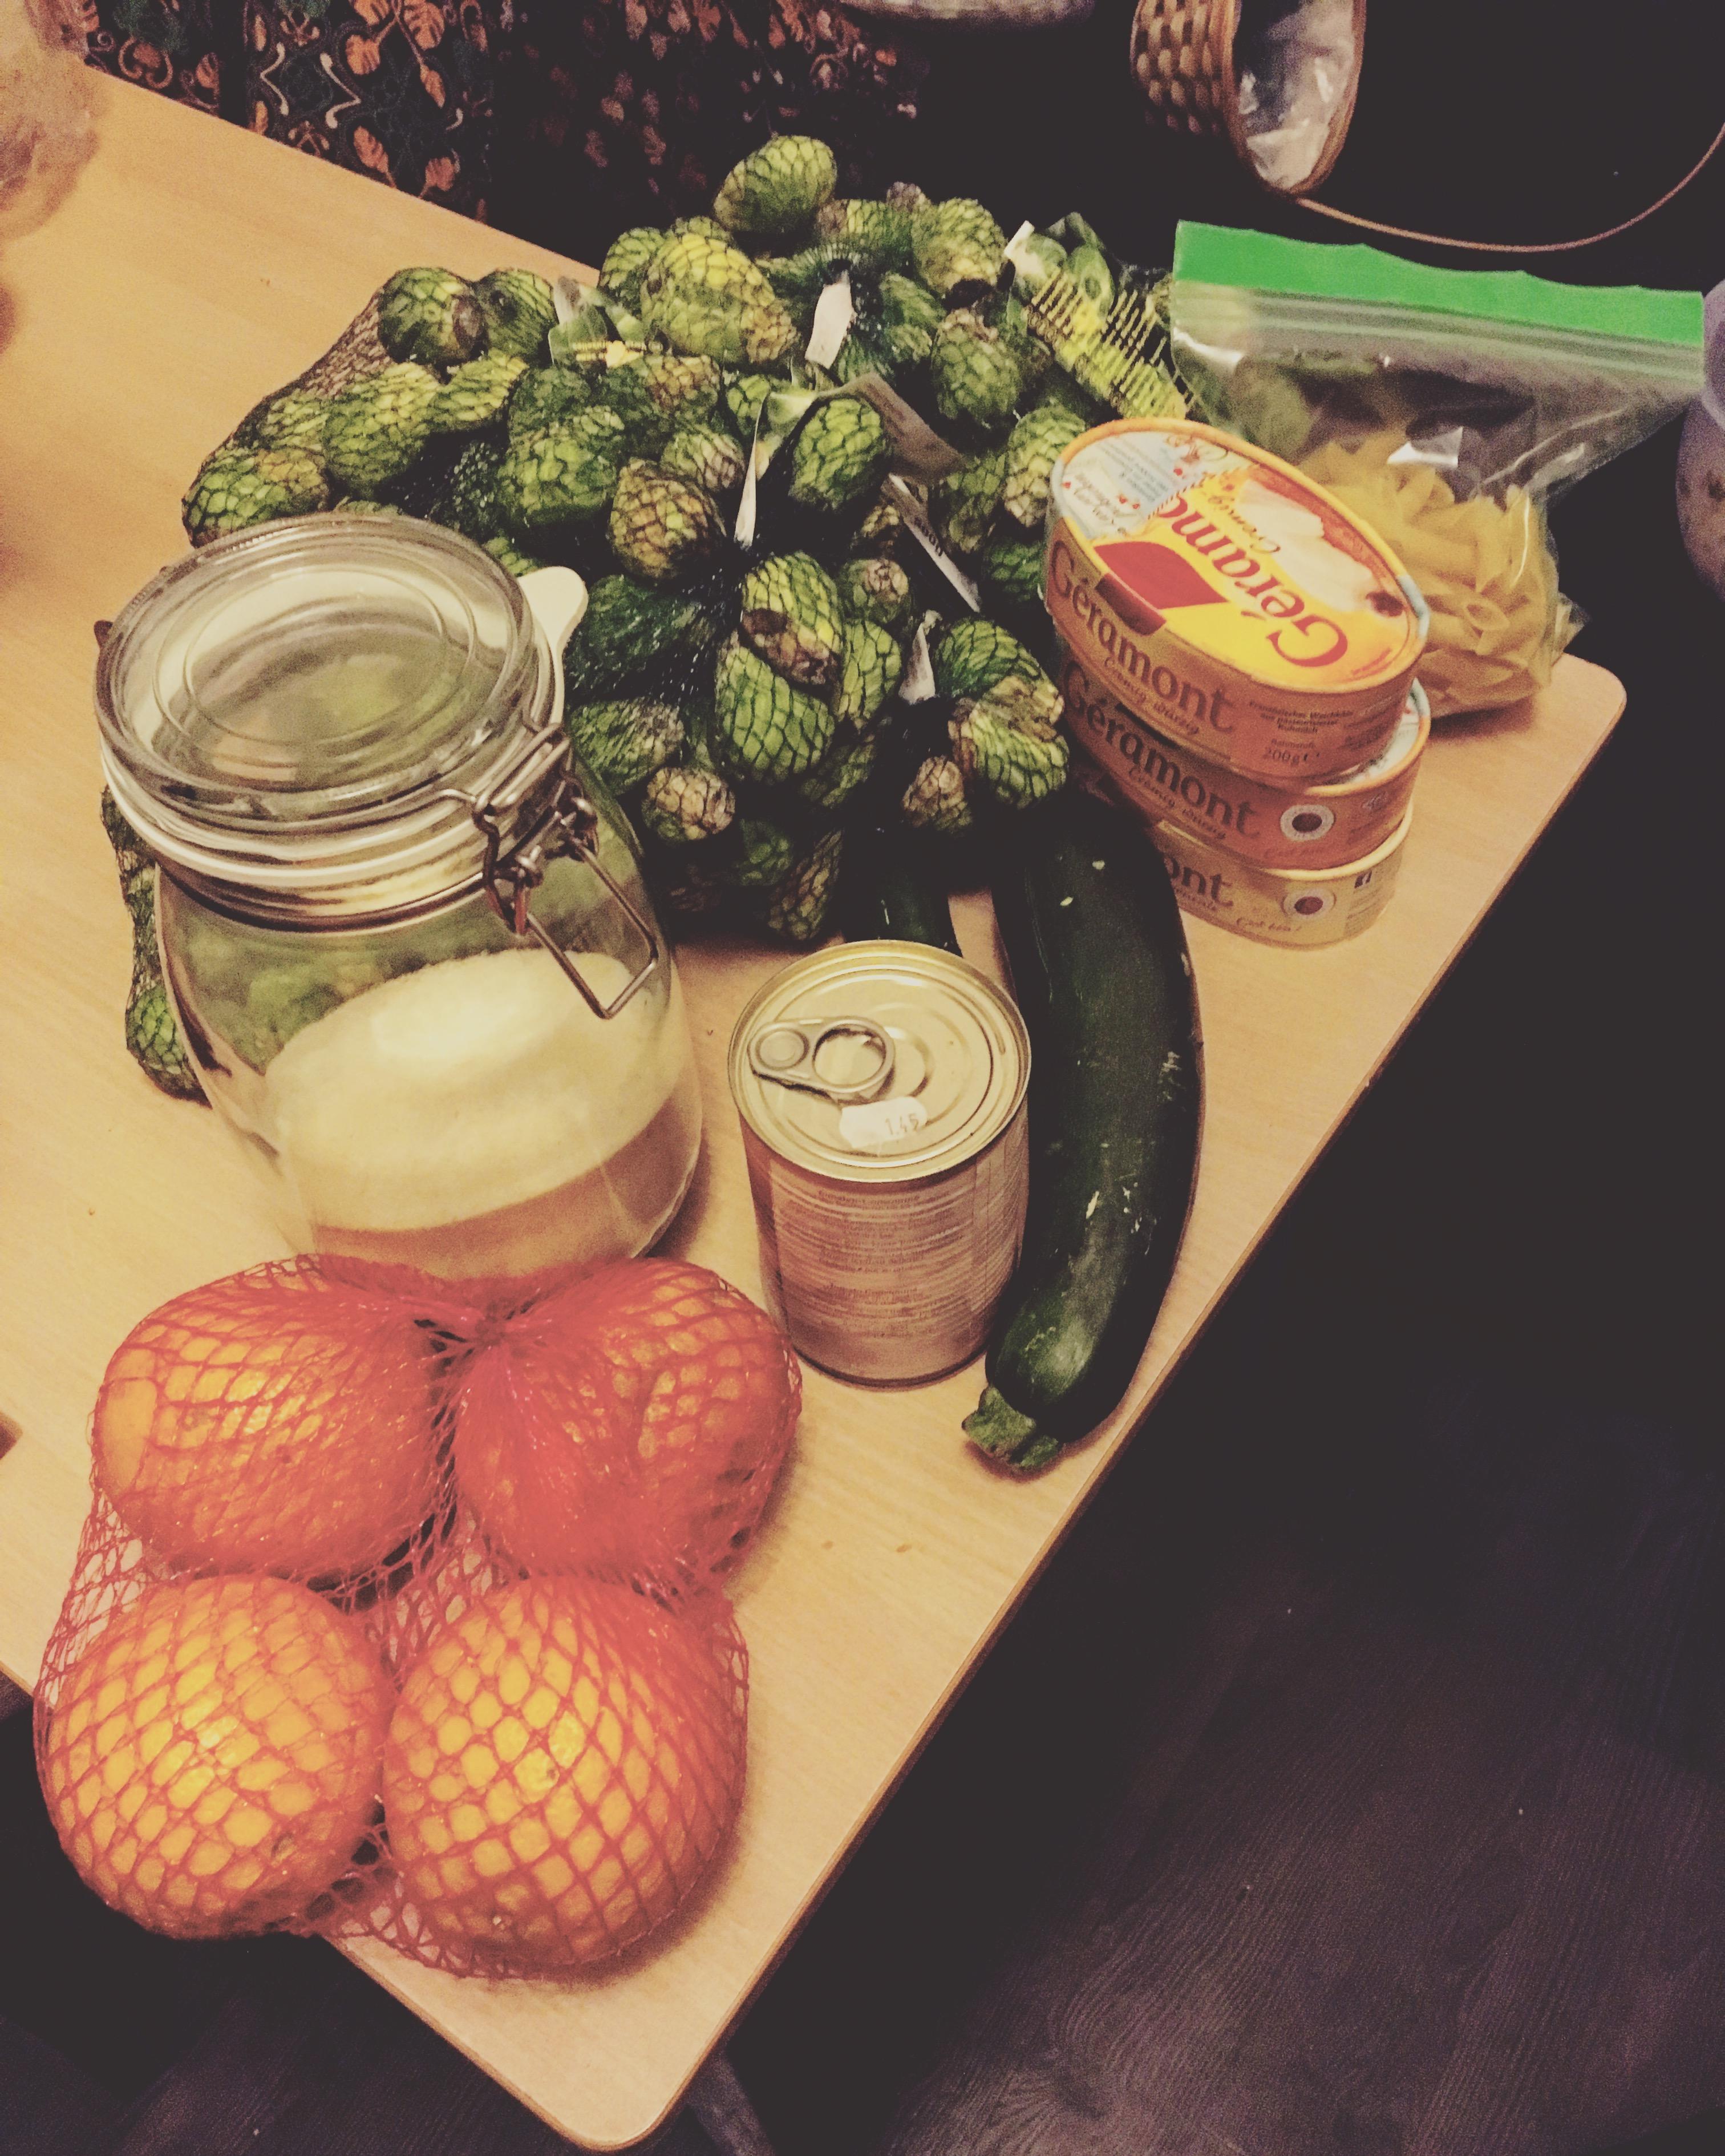 Essen das wir beim Containern gefunden haben, diesmal Rosenkohl, Käse, Grieß, Grapfruits und eine Gurke